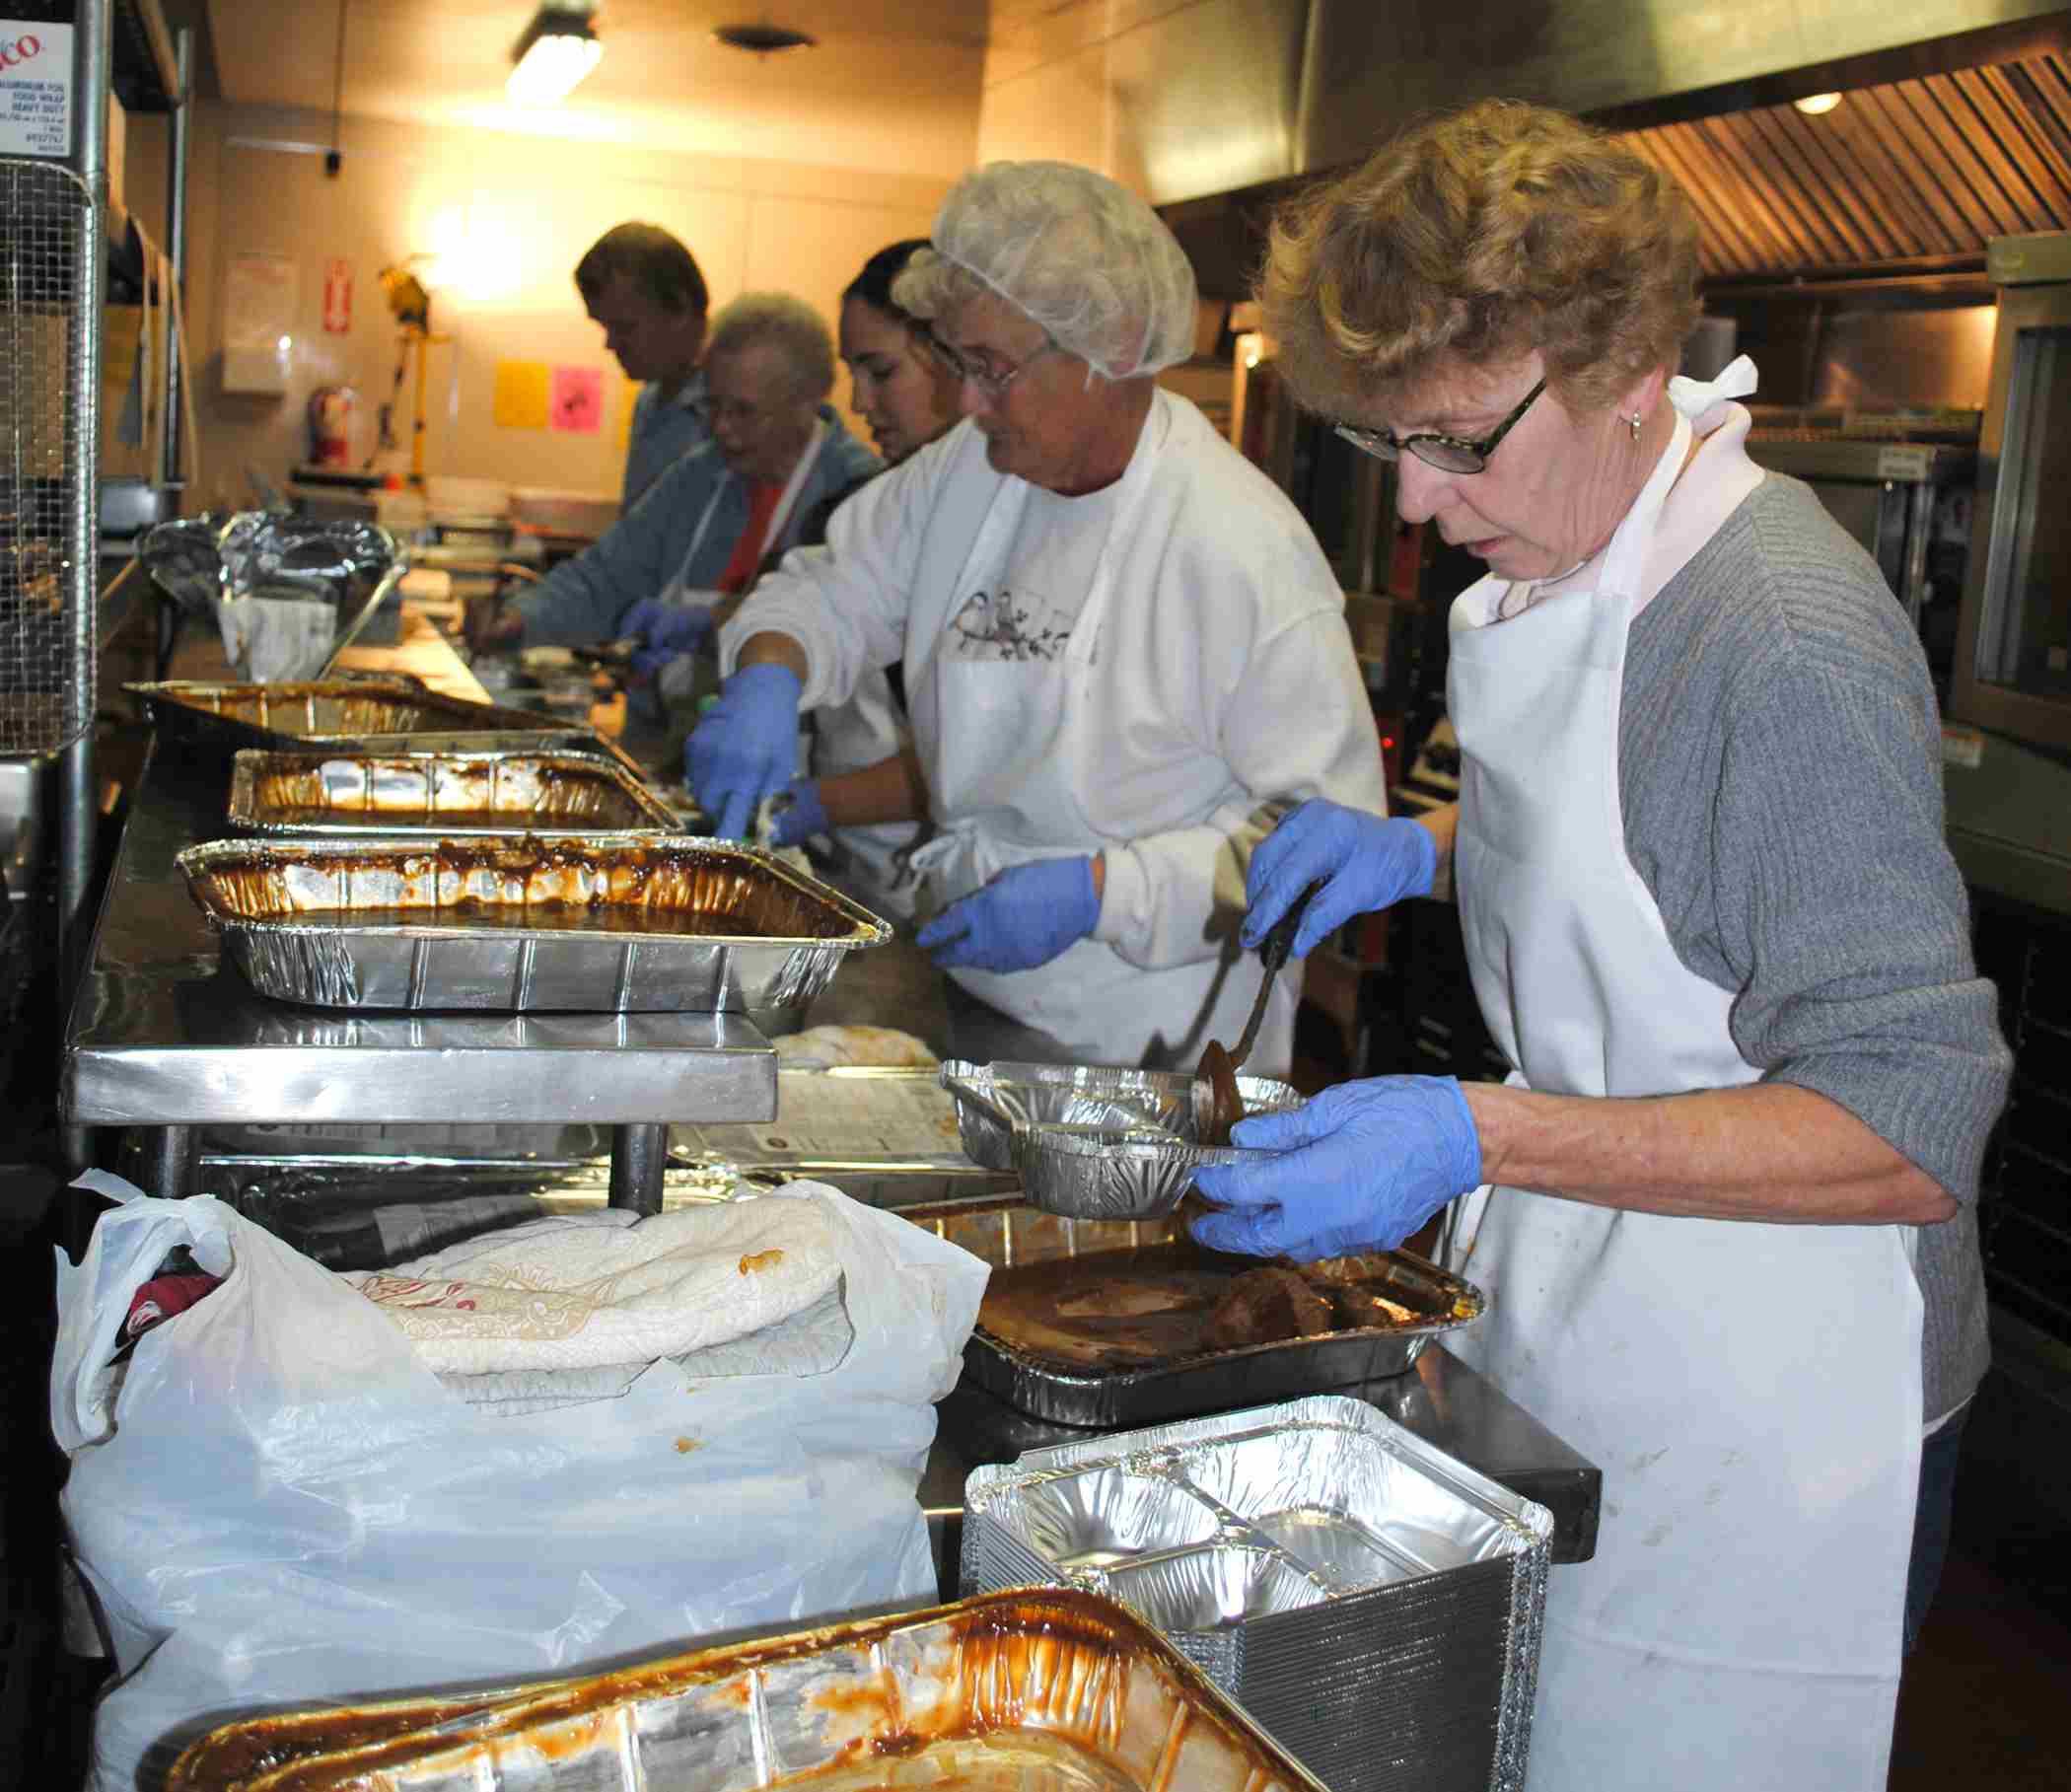 Comidas sobre Ruedas voluntarios llevan a cabo la preparación de alimentos para las comidas de Acción de Gracias.